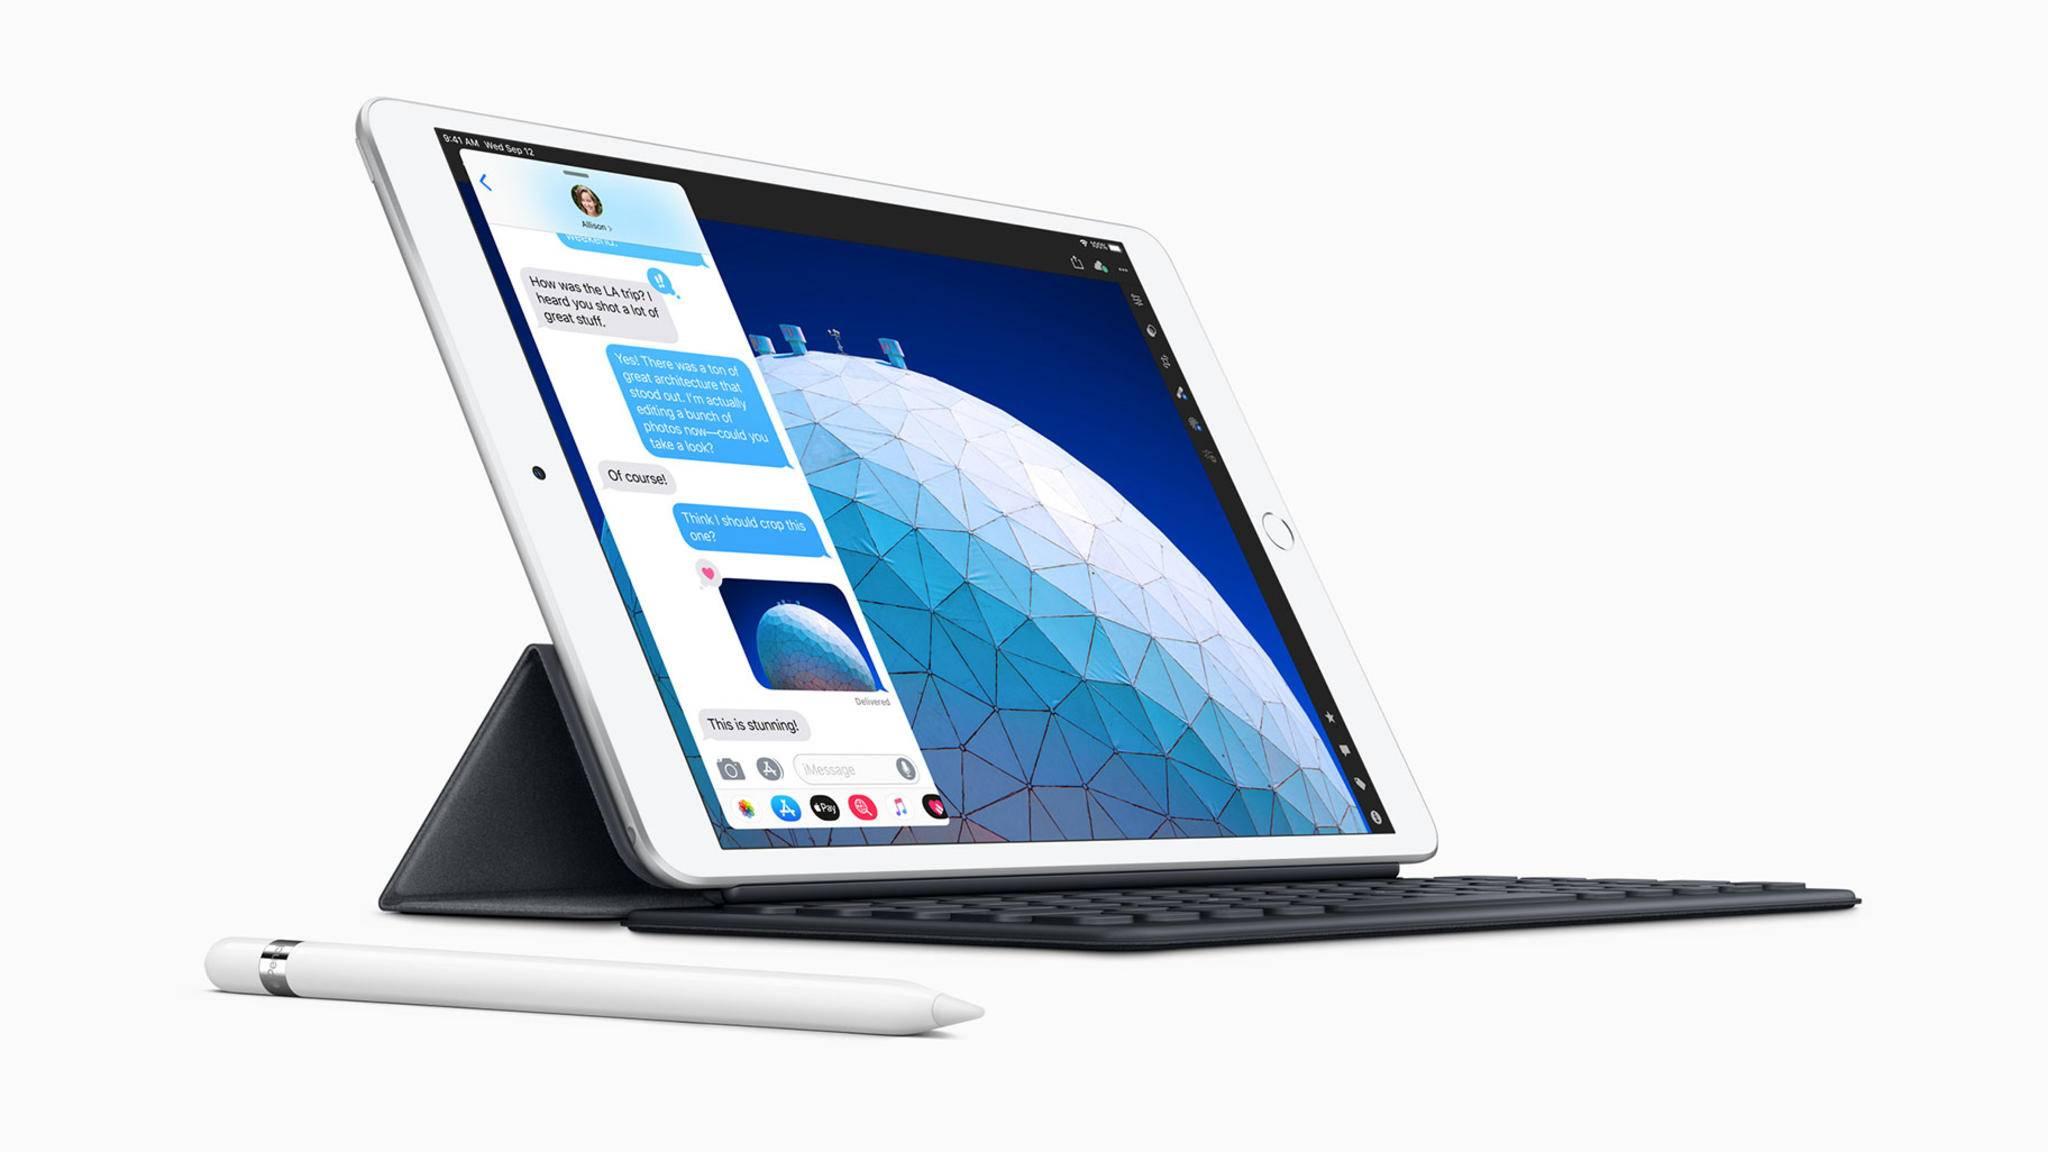 Der Nachfolger des iPad Air 3 (im Bild) ist offenbar bereits in Arbeit.